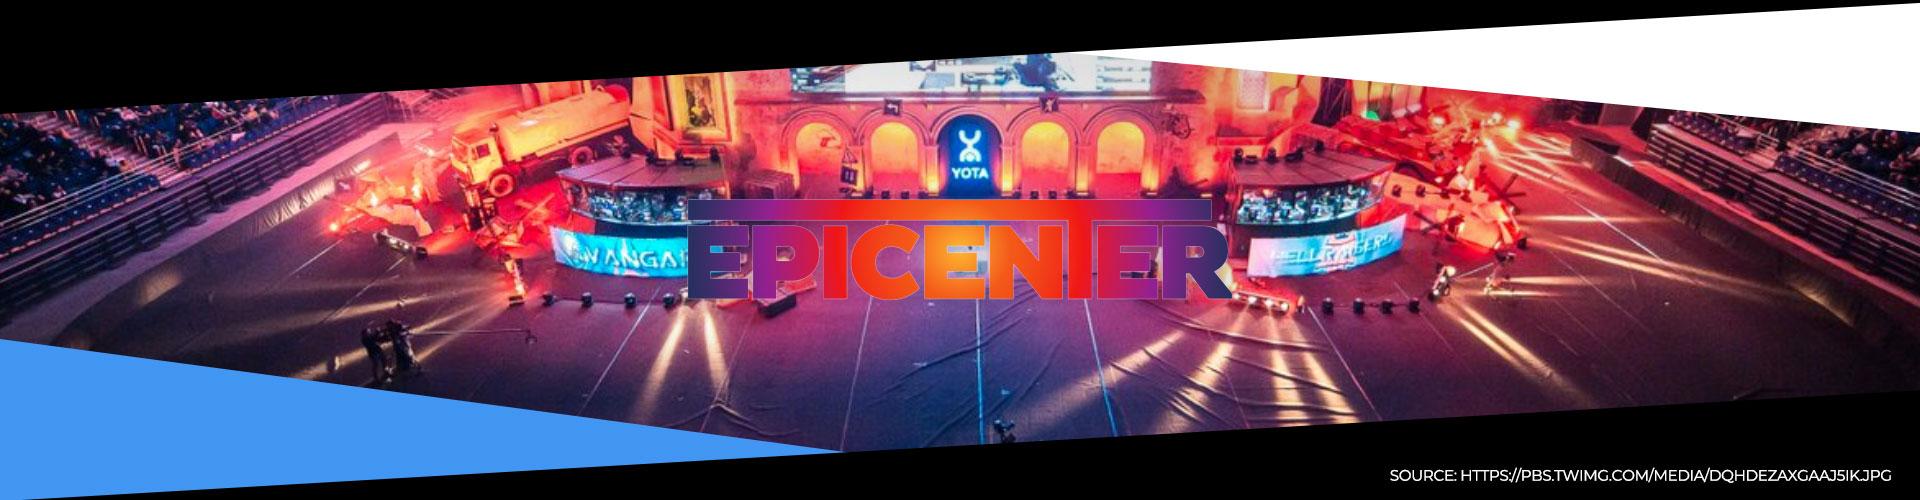 Denna eventsida för EPICENTER 2019 innehåller